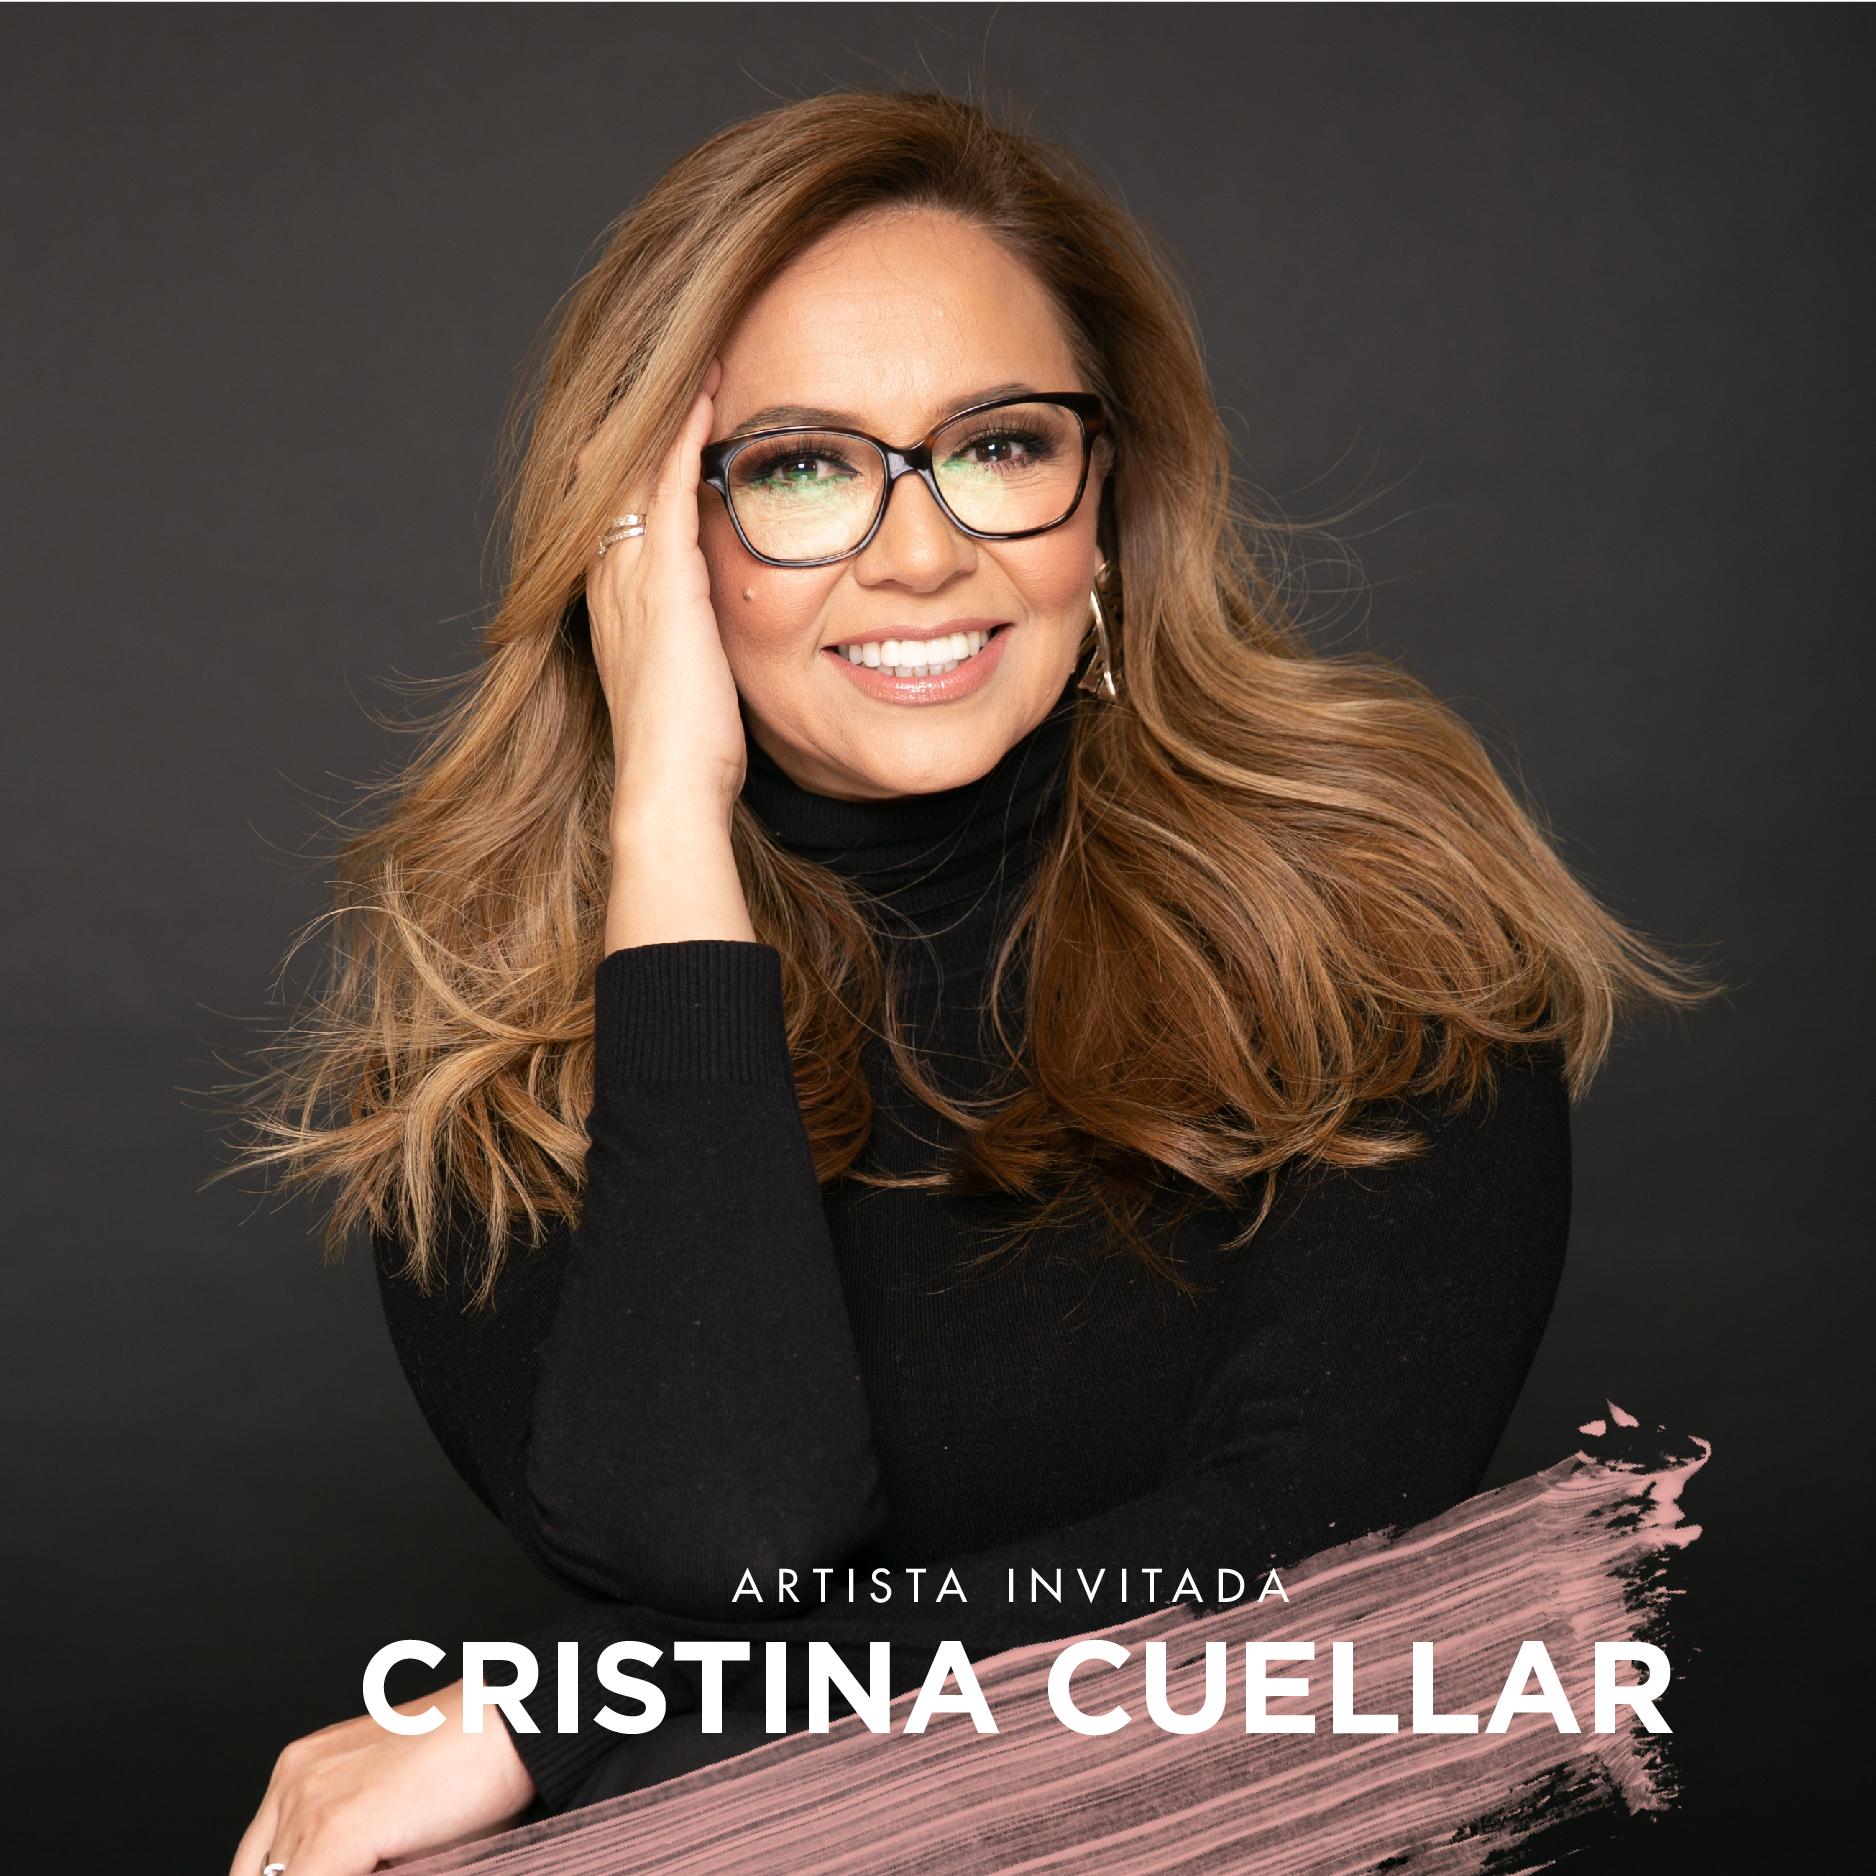 CRISTINA_web-02.jpg